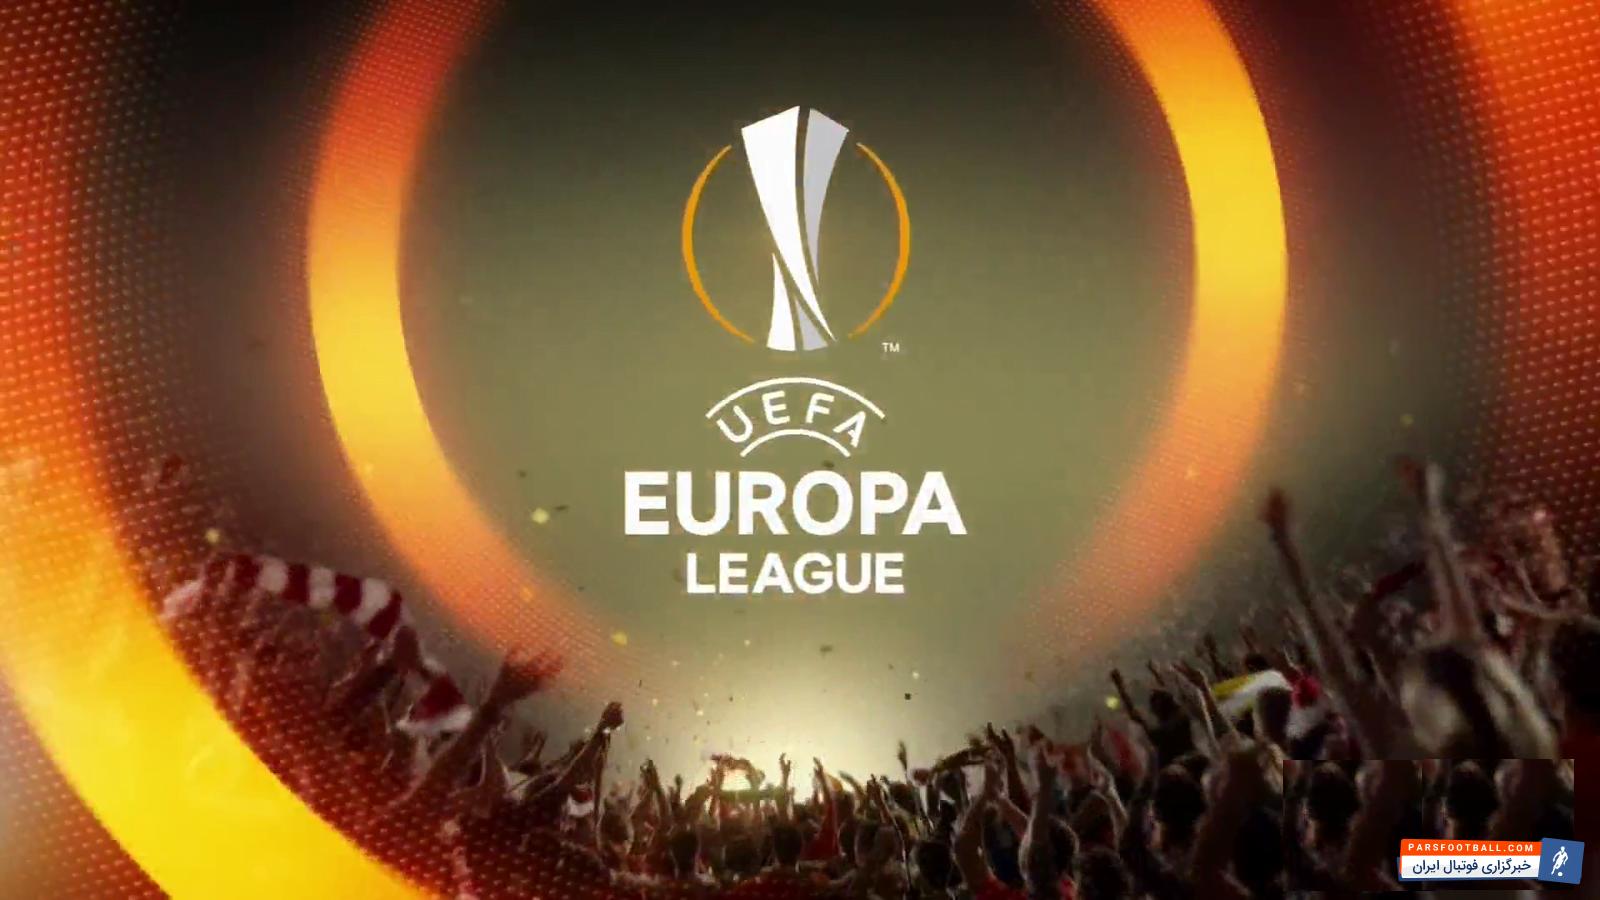 لیگ اروپا و برگزاری قرعه کشی مرحله یک چهارم نهایی؛ قرعه مناسب برای اتلتیکو و آرسنال